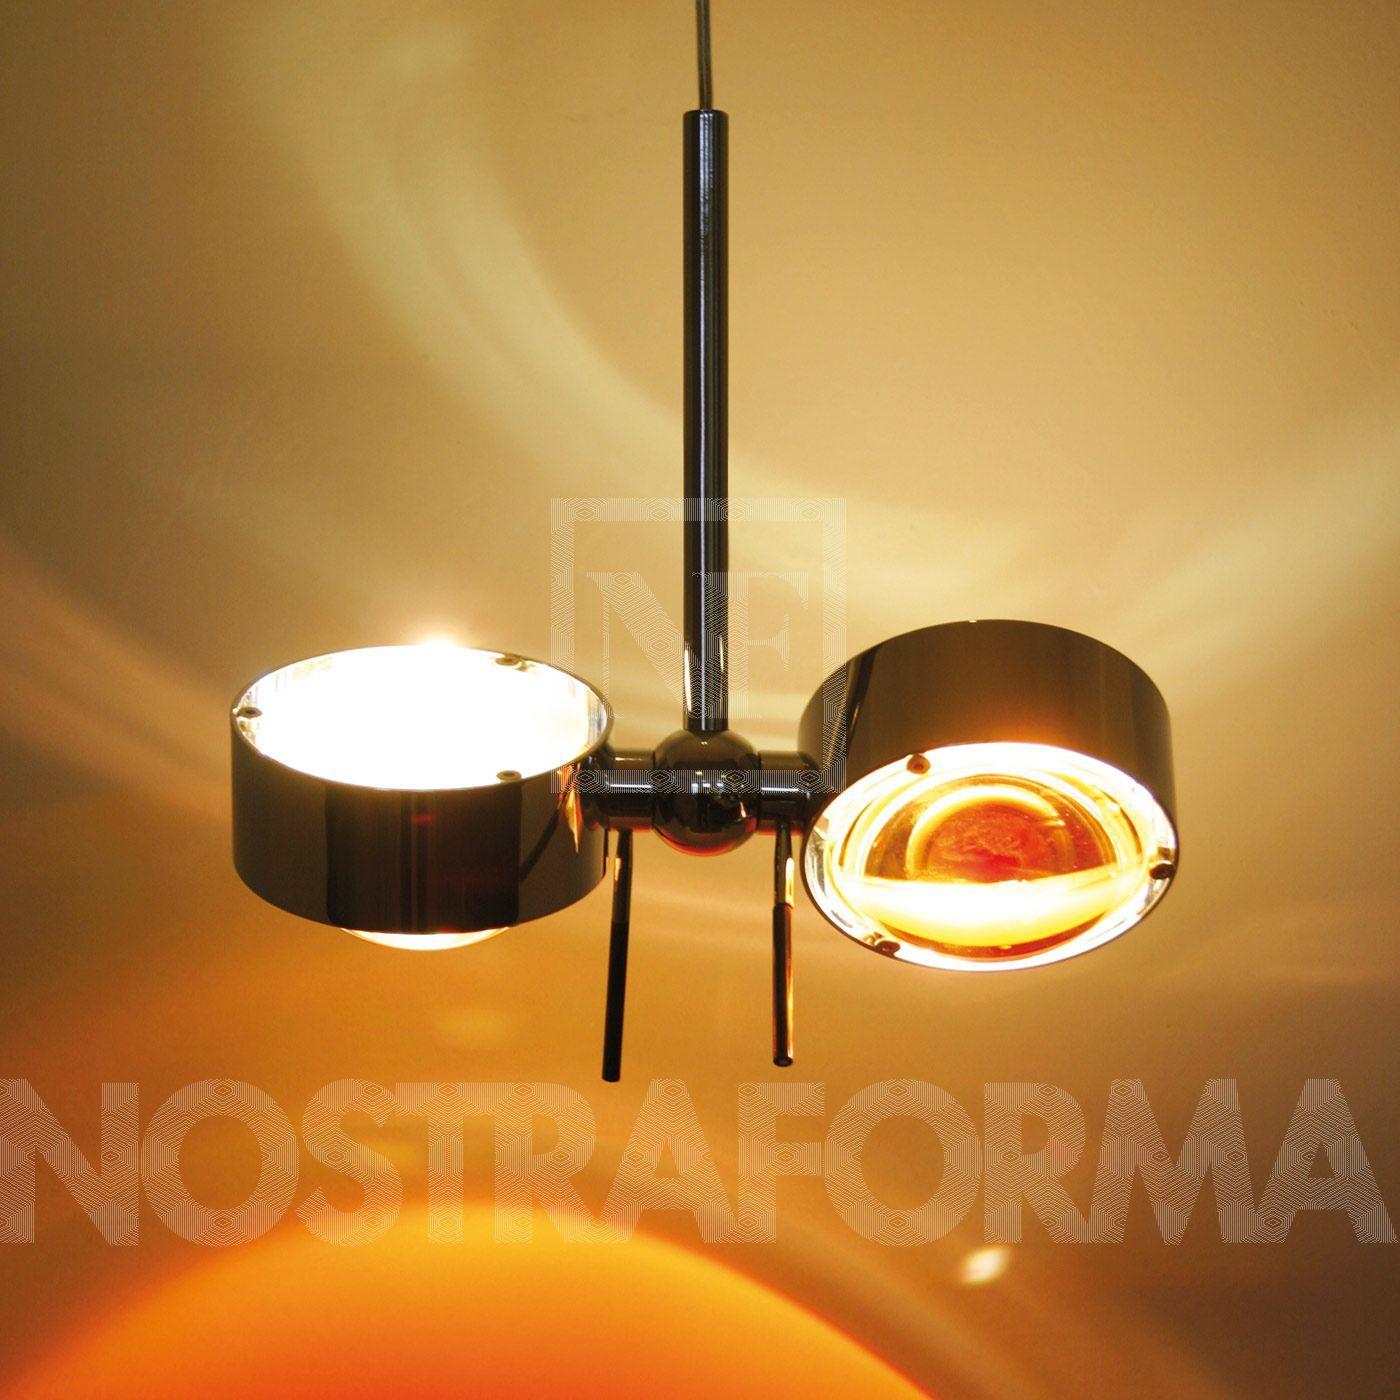 puk lampen groß bild oder cebdcaeefee